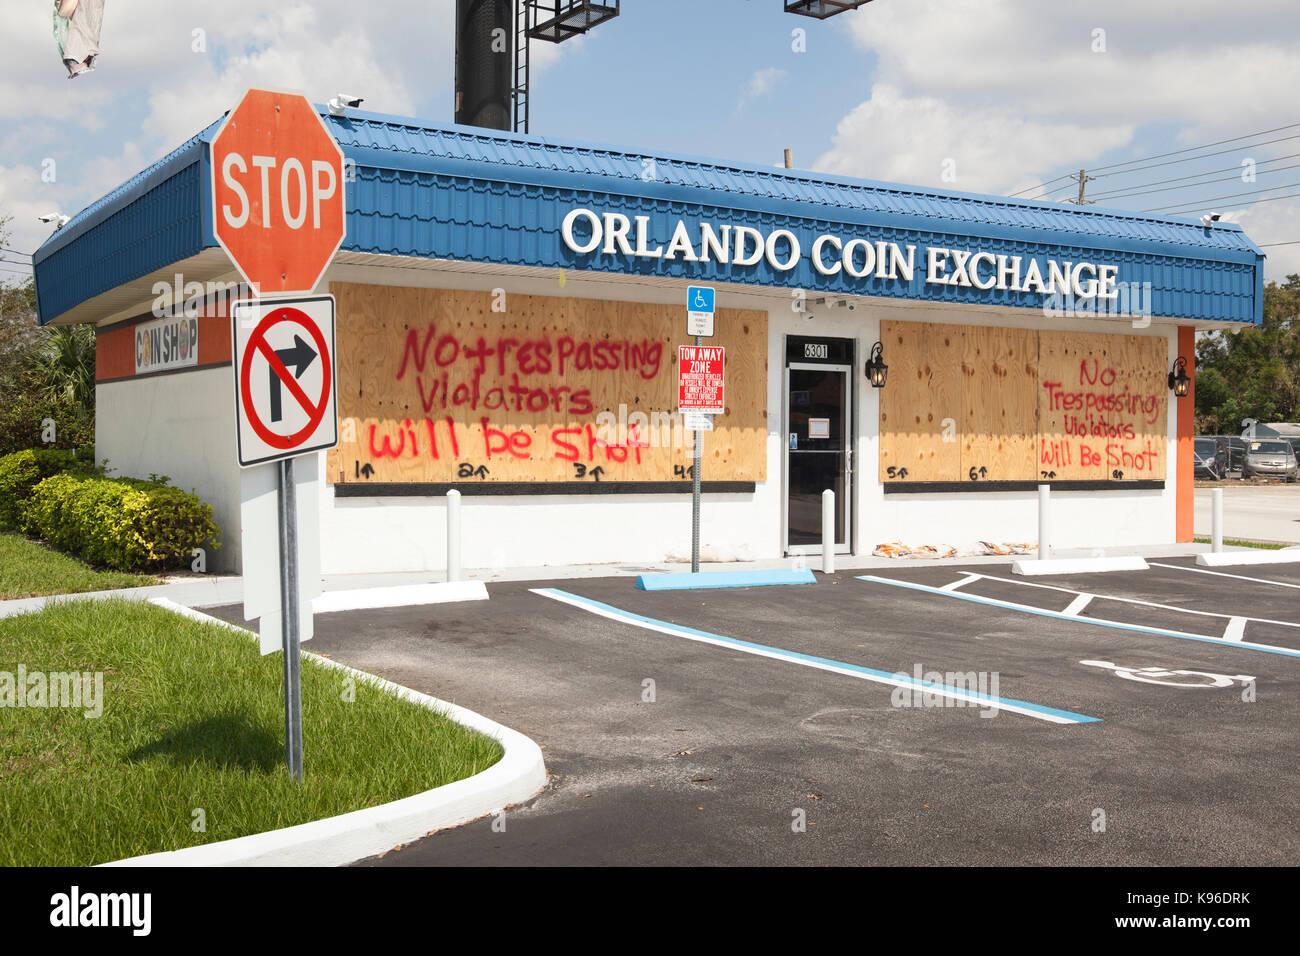 Kein Übertreten Zeichen auf der Münze und Edelmetalle store vor Hurrikan Irma, Kiefer schloss, Florida, Stockbild